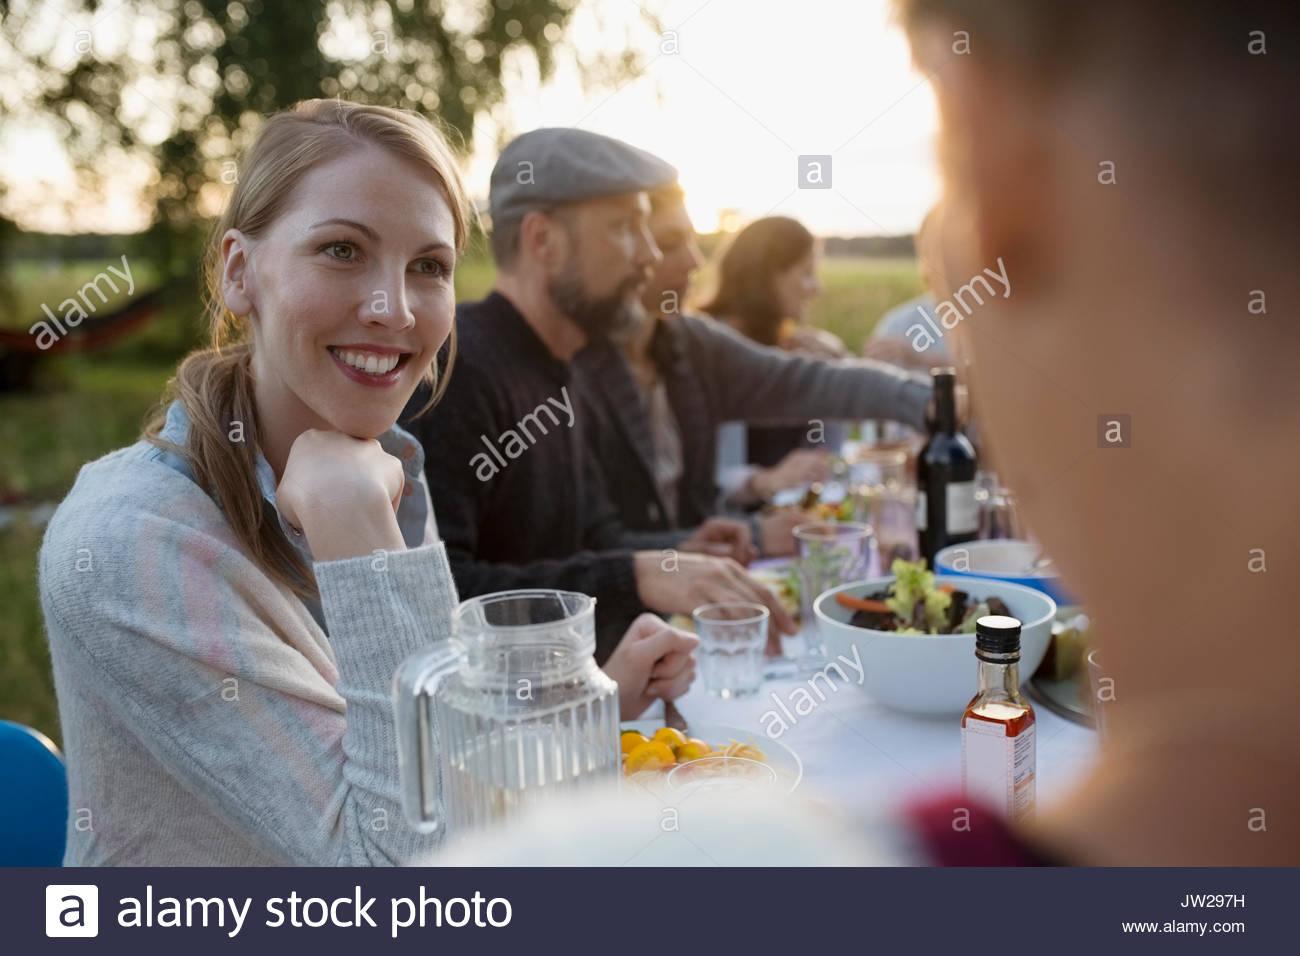 Lächelnde Frau mit Freund, Garden Party Abendessen genießen. Stockbild